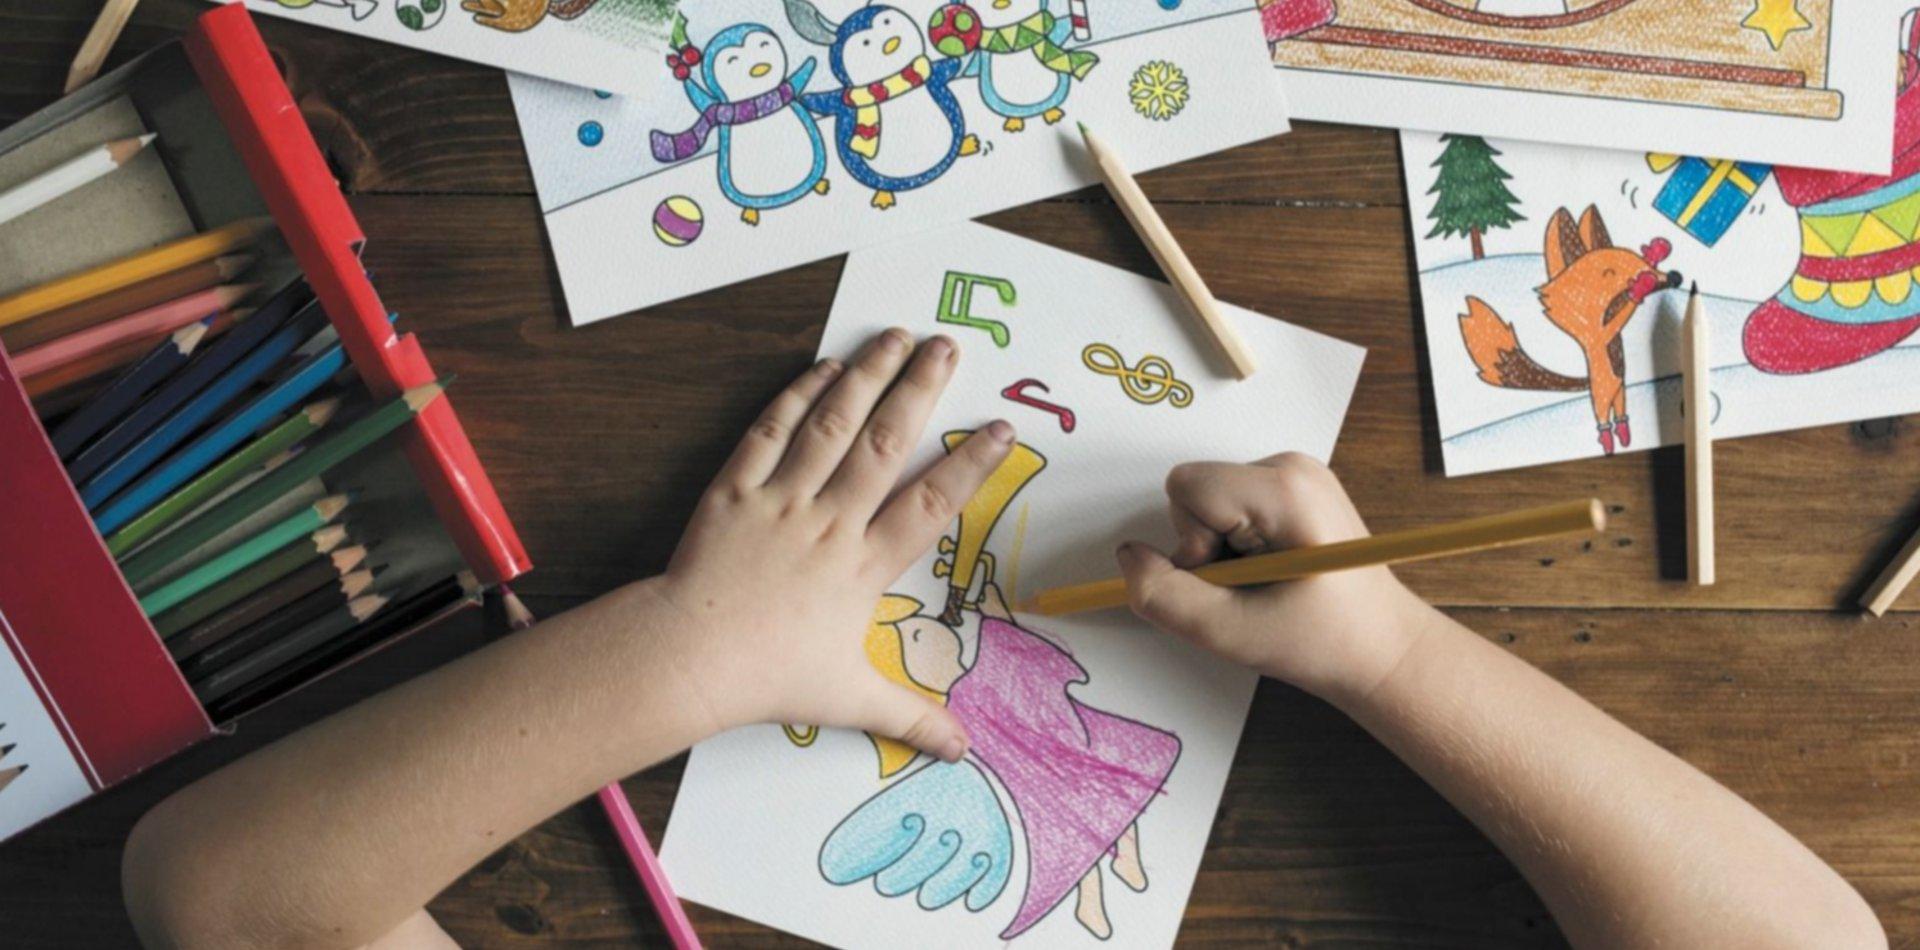 La Facultad de Exactas tendrá guardería para hijos de alumnos, docentes y no docentes